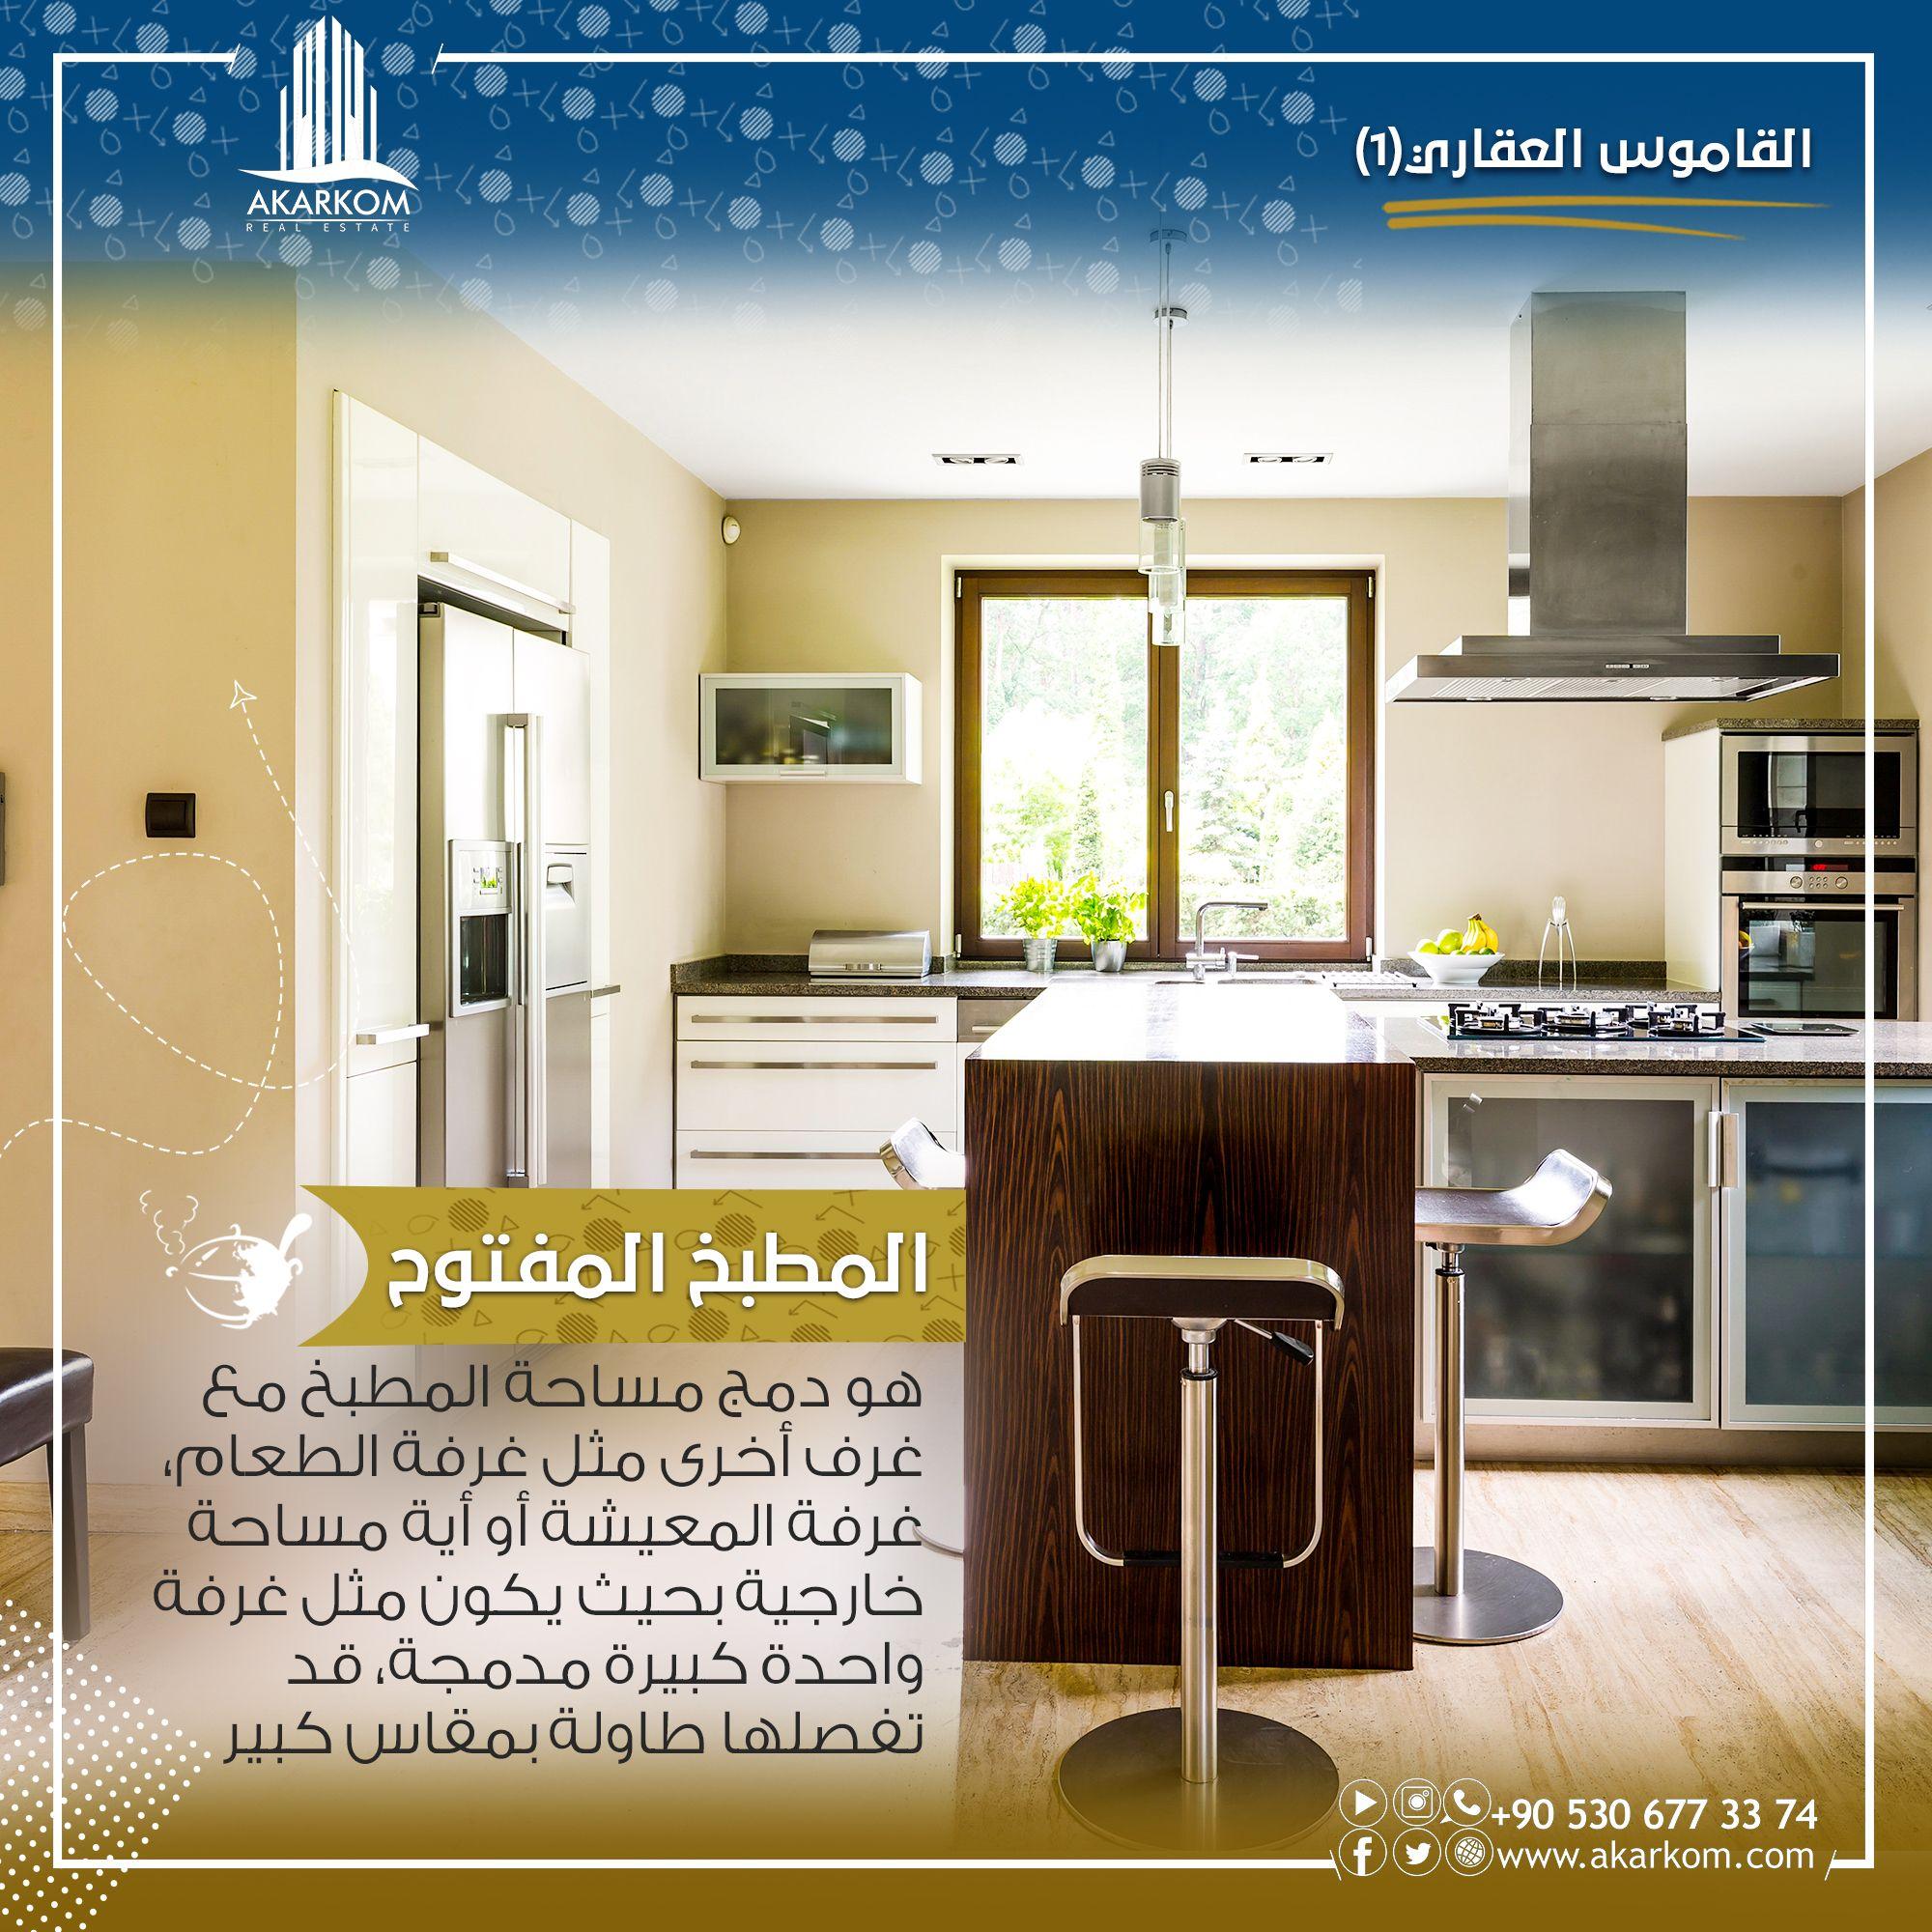 المطبخ المفتوح هو دمج مساحة المطبخ مع غرف أخرى مثل غرفة الطعام غرفة المعيشة أو أية مساحة خارجية بحيث يكون مثل غرفة واحدة كبيرة مدم Home Home Decor Decor